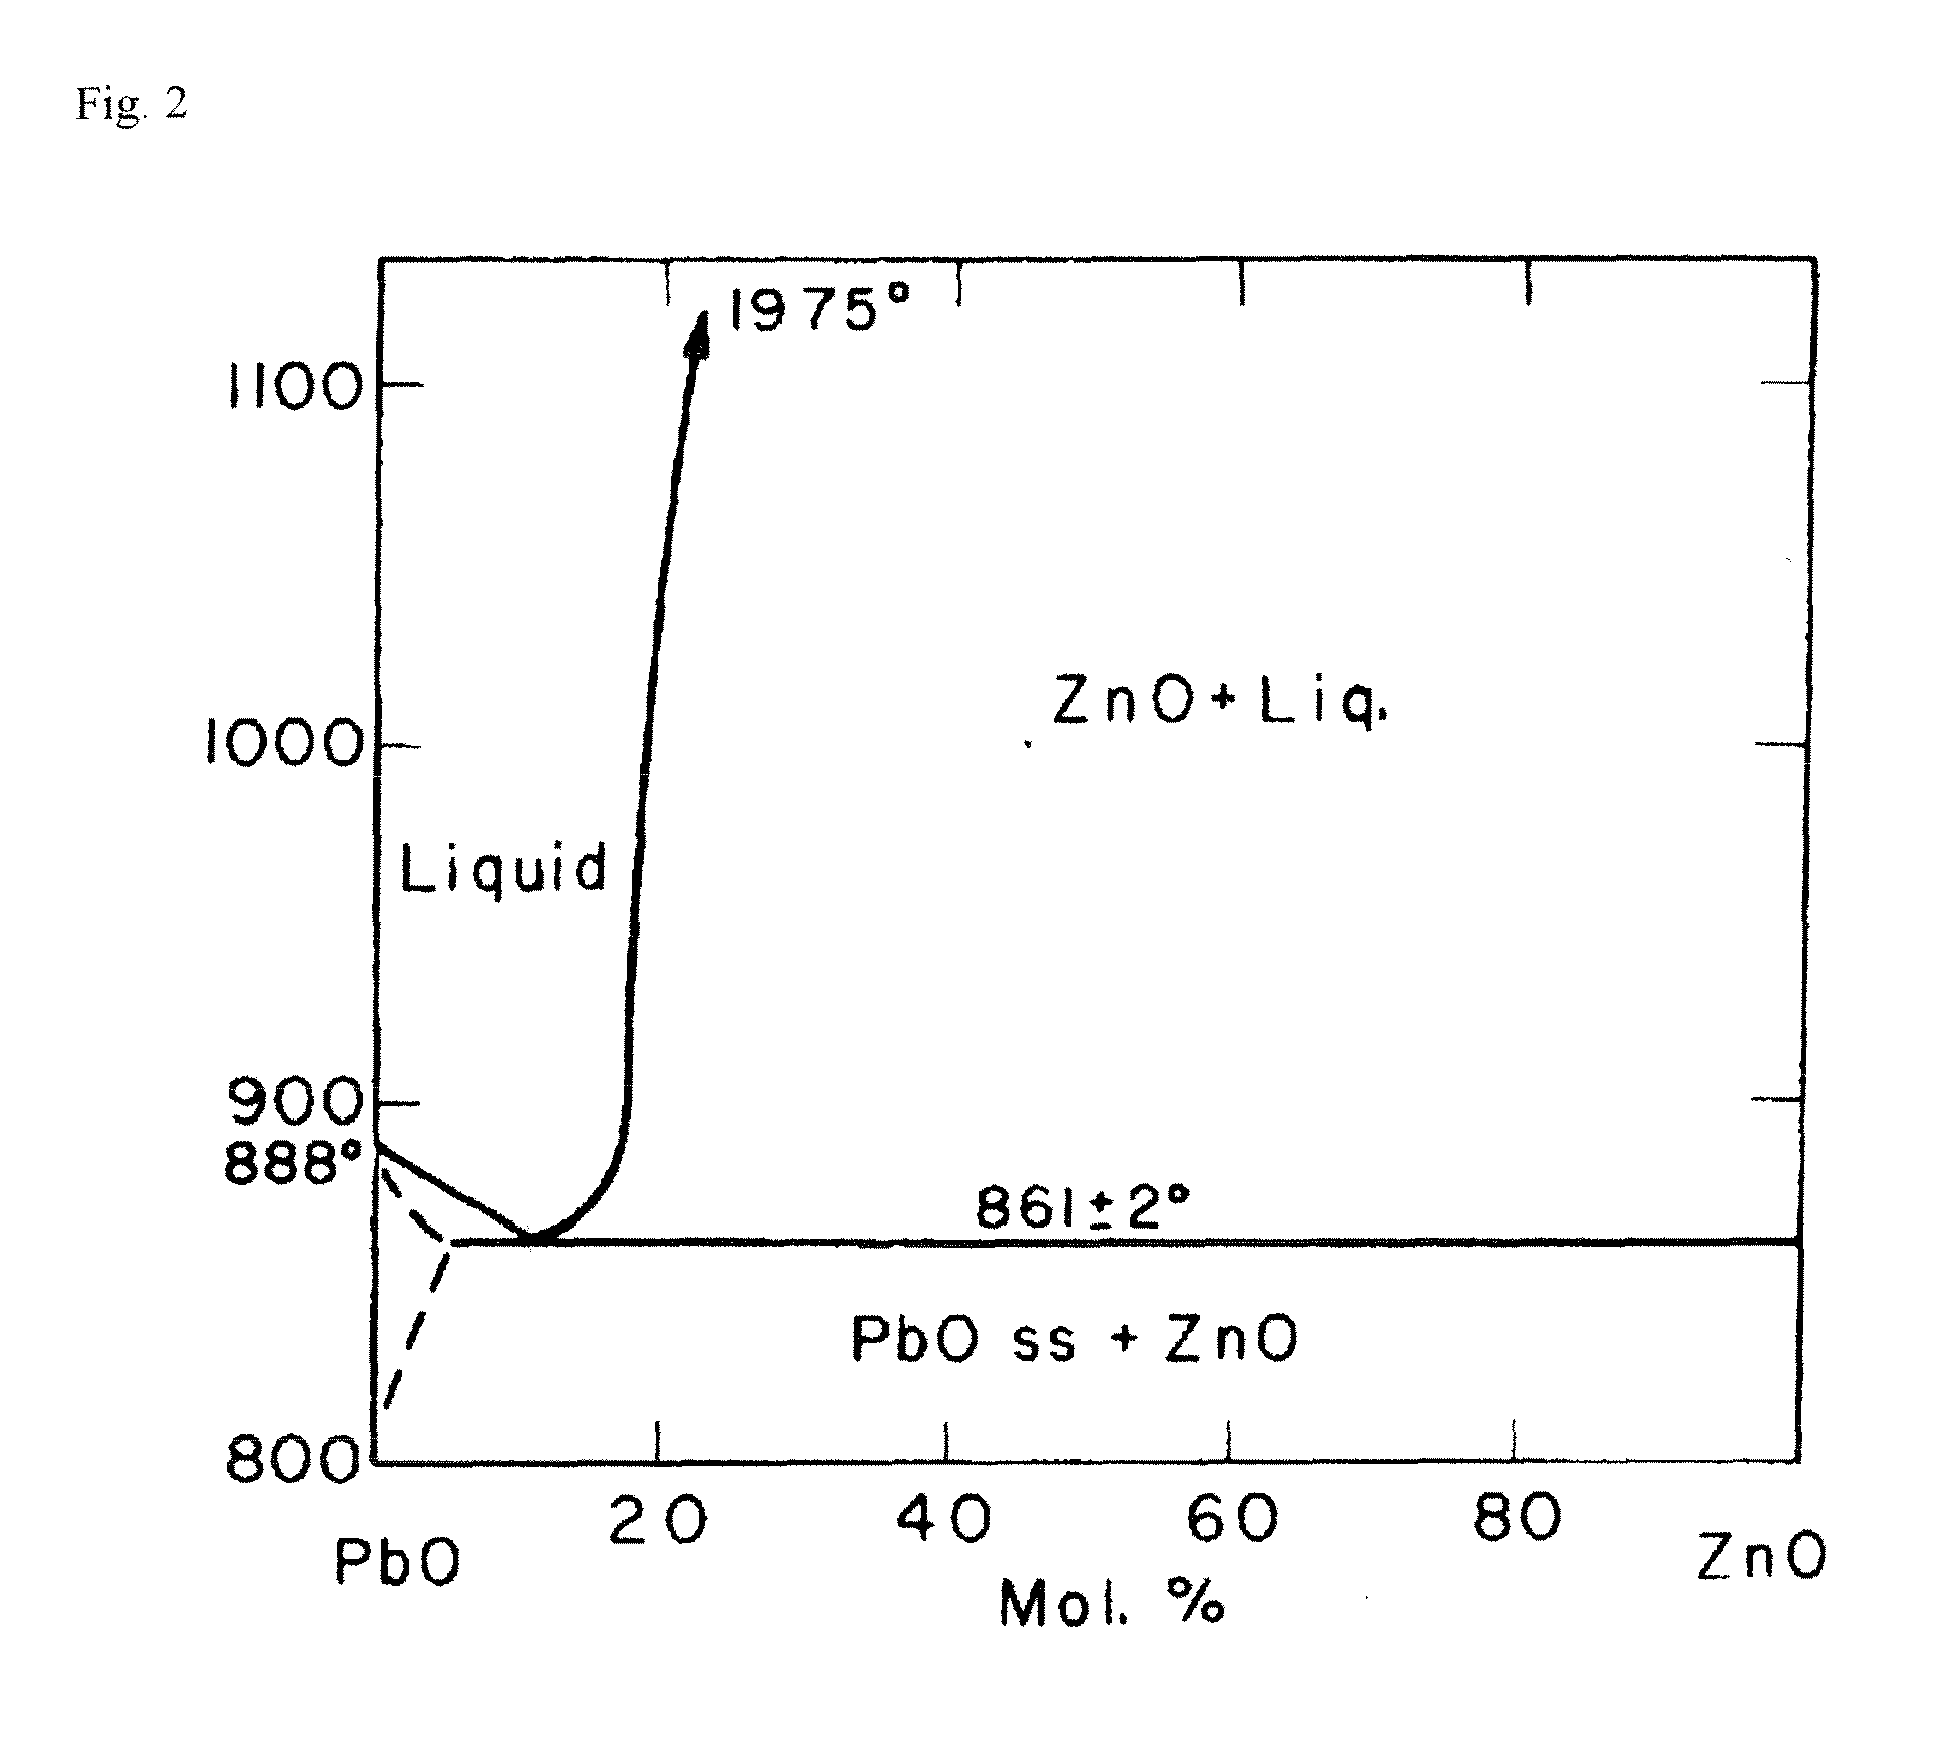 Zno phase diagram 28 images phase diagram zinc oxide choice zno phase diagram phase diagram zinc oxide choice image how to guide and ccuart Choice Image